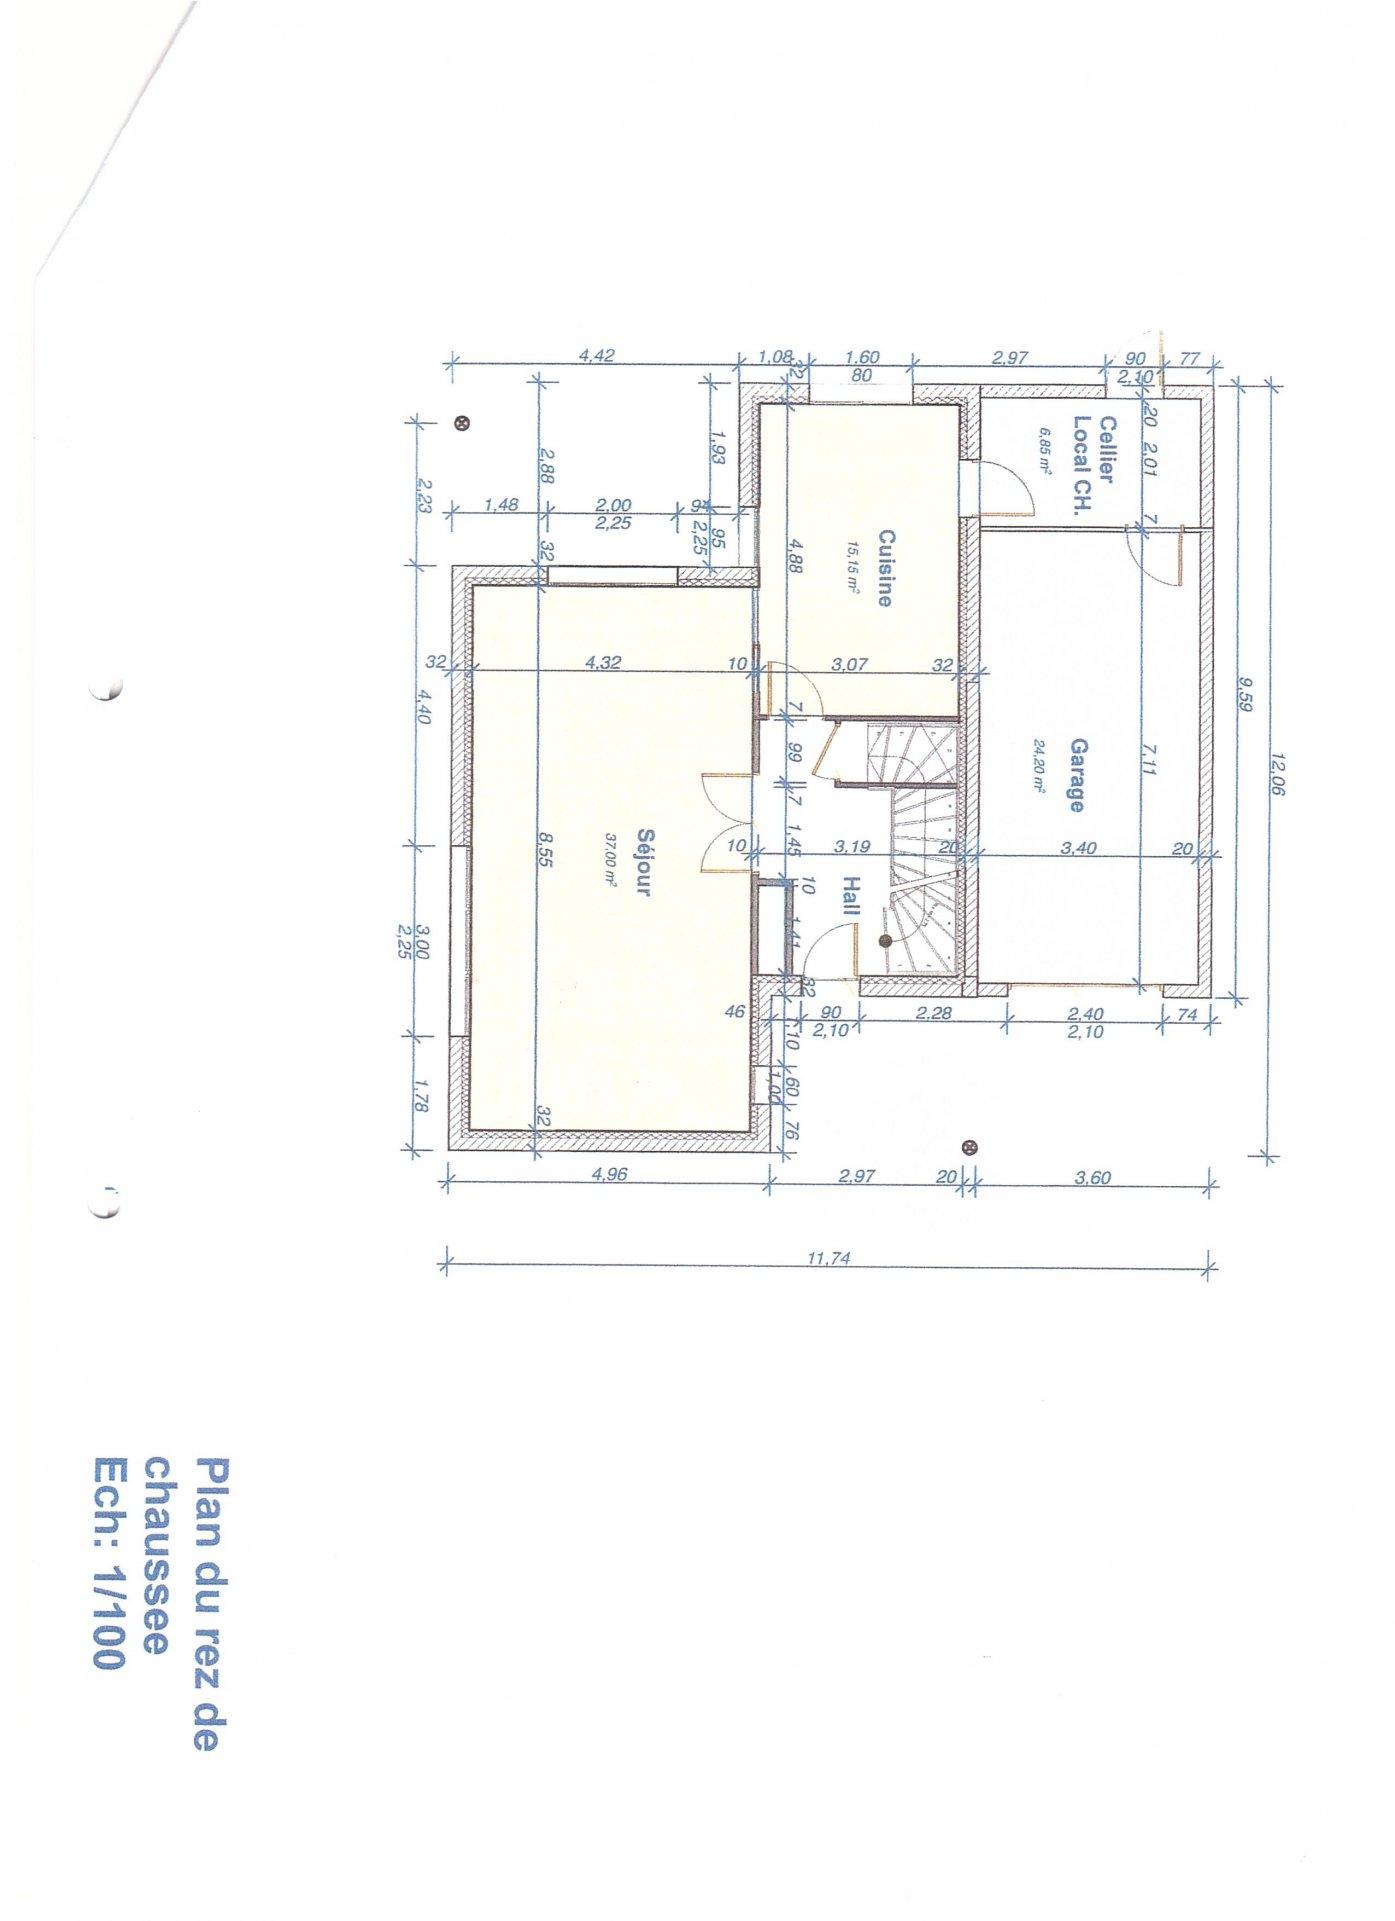 Cette construction de qualité de 135 m² environ offre de plain pied une vaste entrée desservant un agréable séjour de presque 37 m² et une cuisine entièrement aménagée. Ces deux espaces donnent directement sur une terrasse carrelée et bien exposée. A l'étage : 4 chambres de 11,8 à 15 m² et une grande salle de bains avec baignoire balnéo. Chauffage au sol par pompe à chaleur. Garage attenant et abris de jardin. Le tout sur un terrain facile d'entretien. Honoraires à la charge des vendeurs.